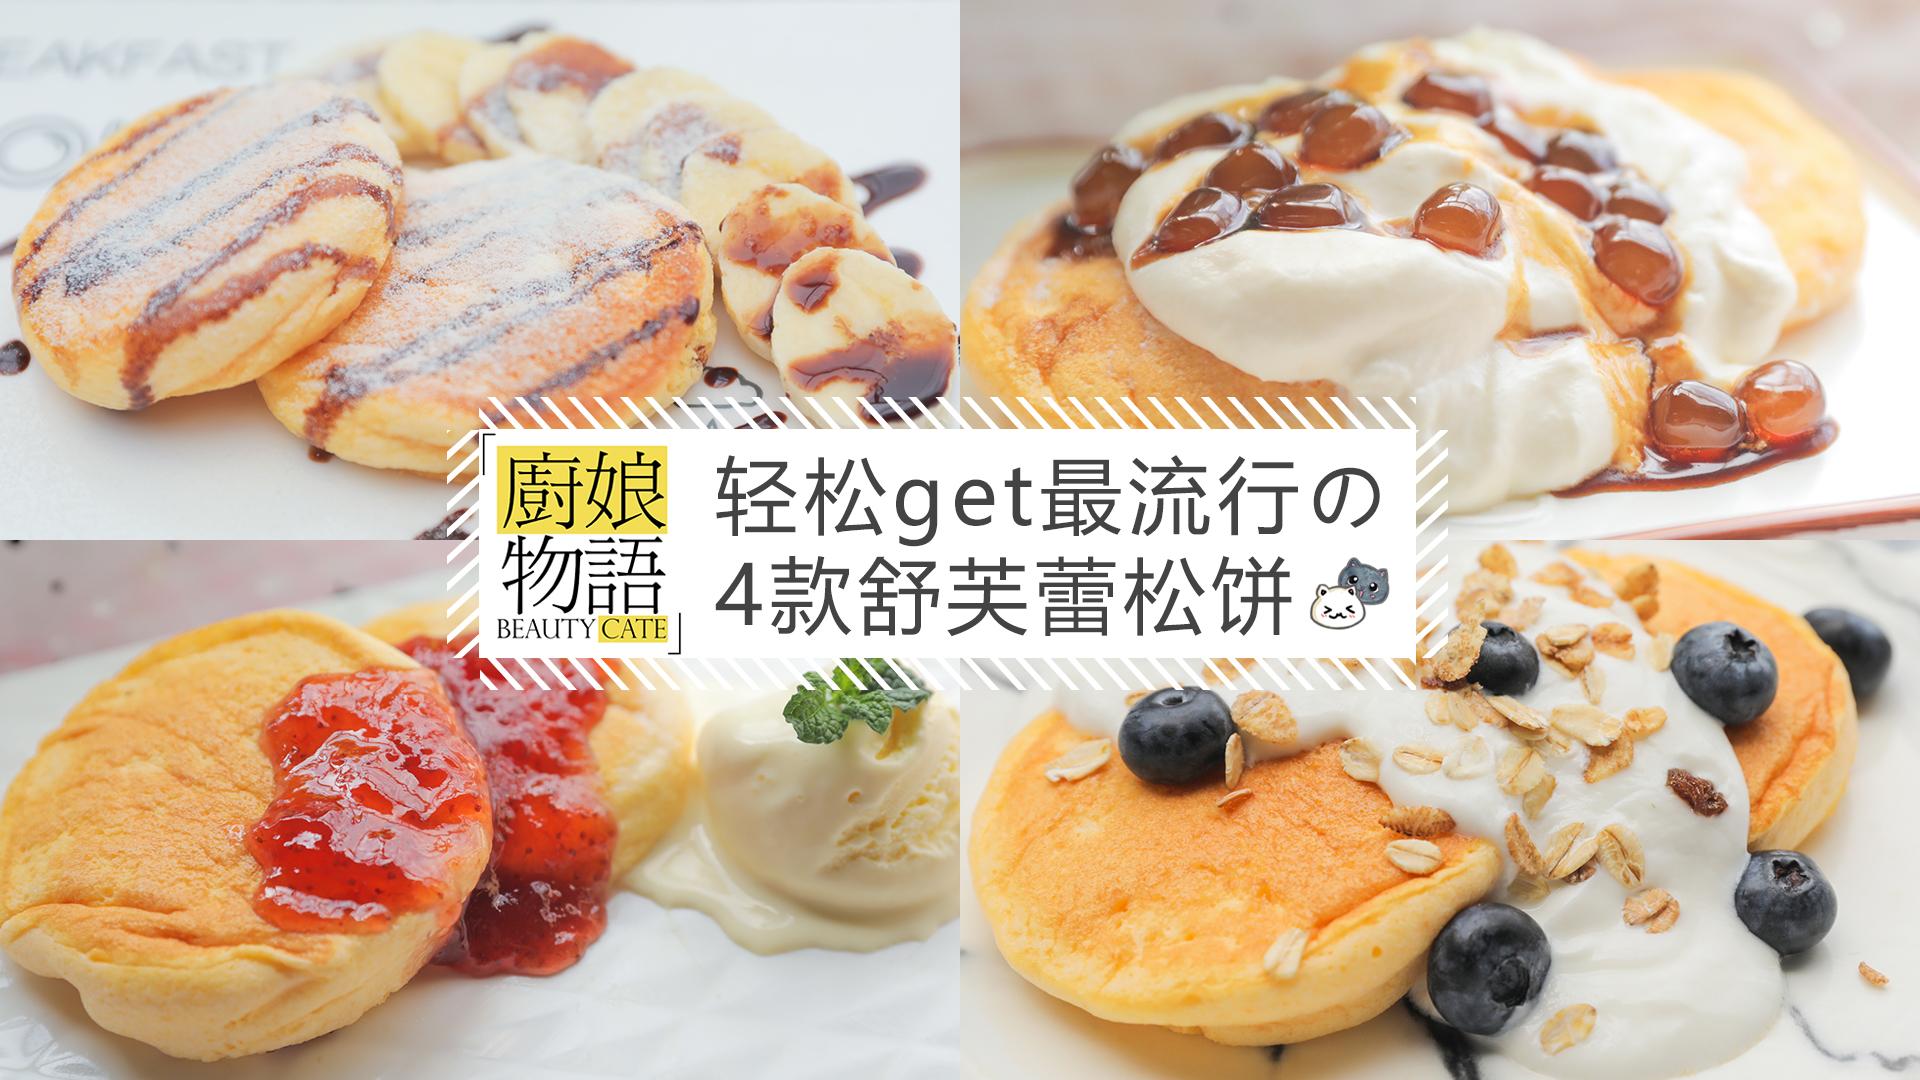 「厨娘物语」轻松get最流行の4款舒芙蕾松饼